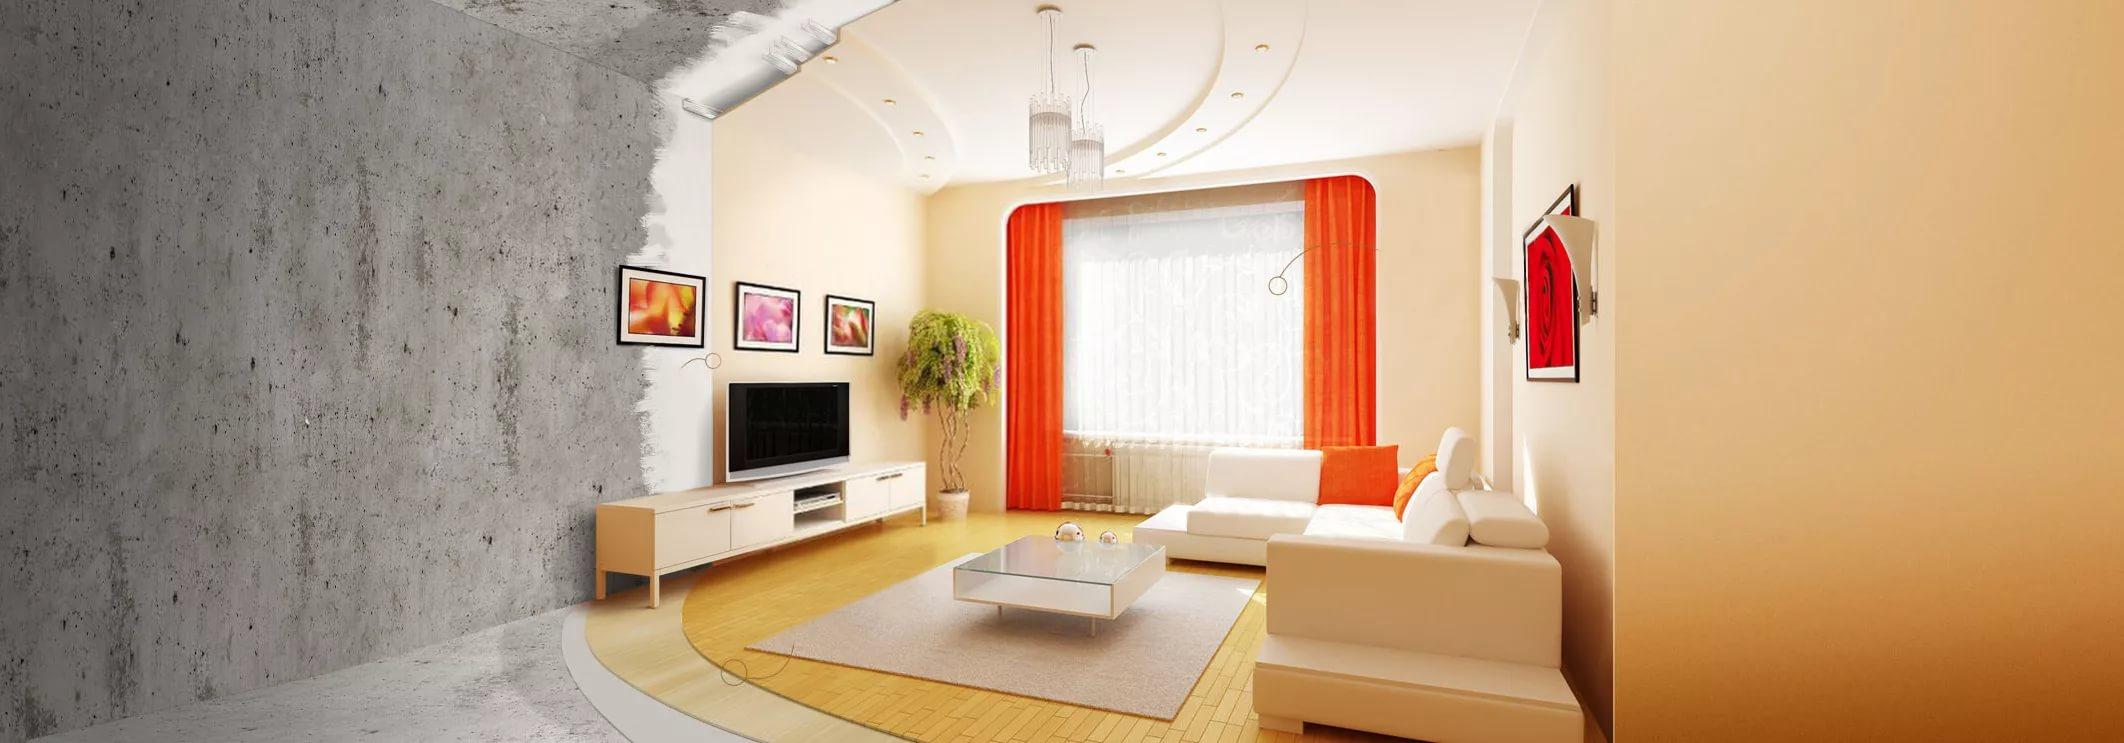 Ремонтные работы в квартире фото2